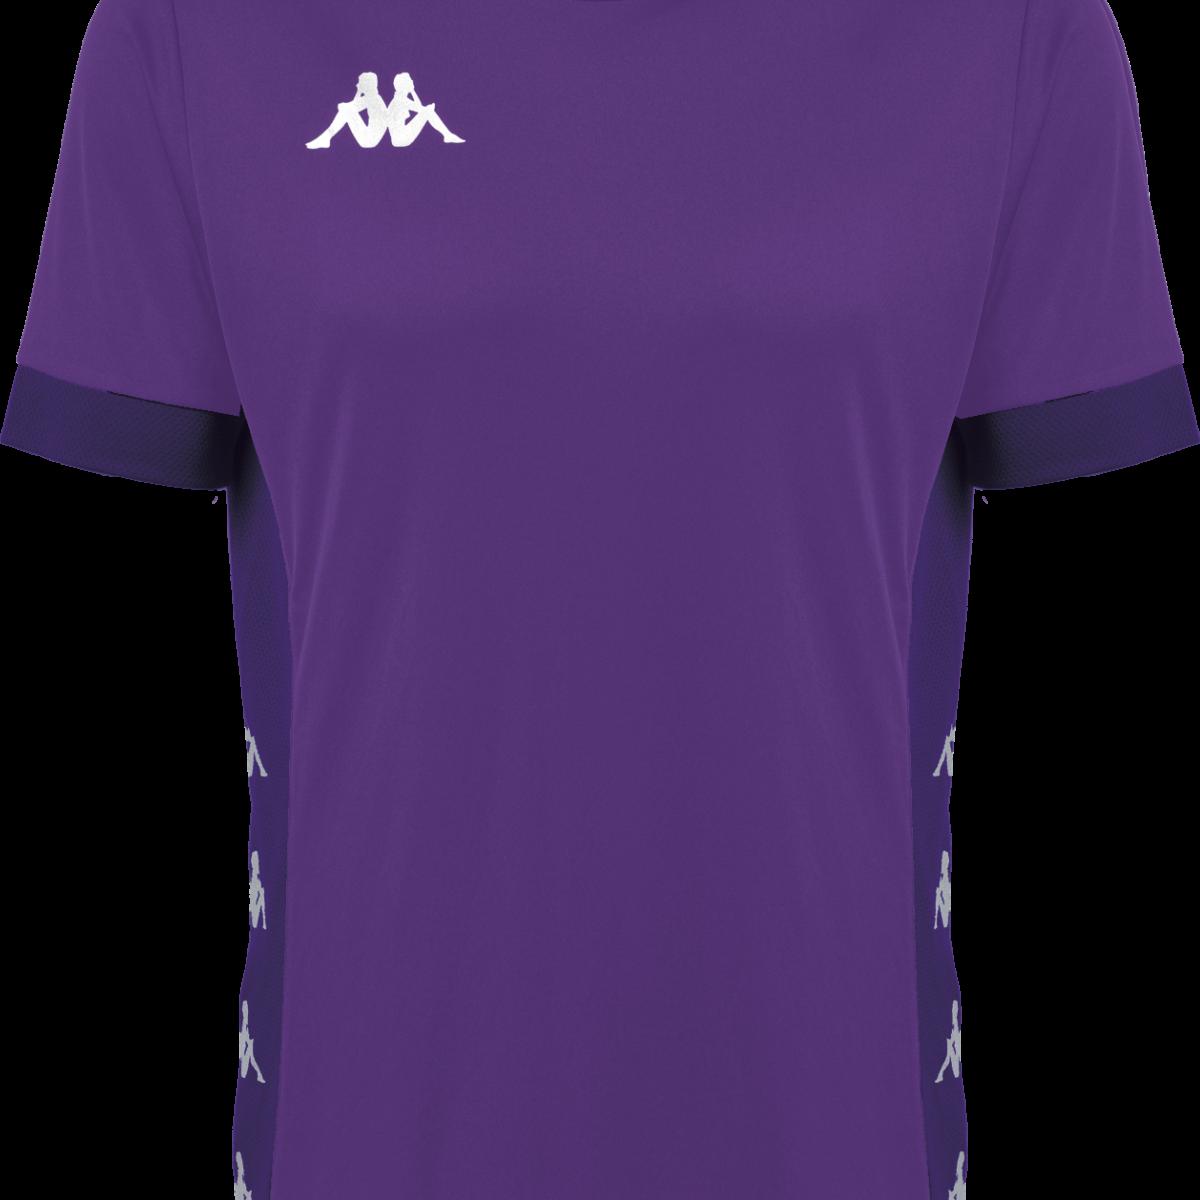 Kappa DERVIO Adult Match Shirt SS - 31152PW